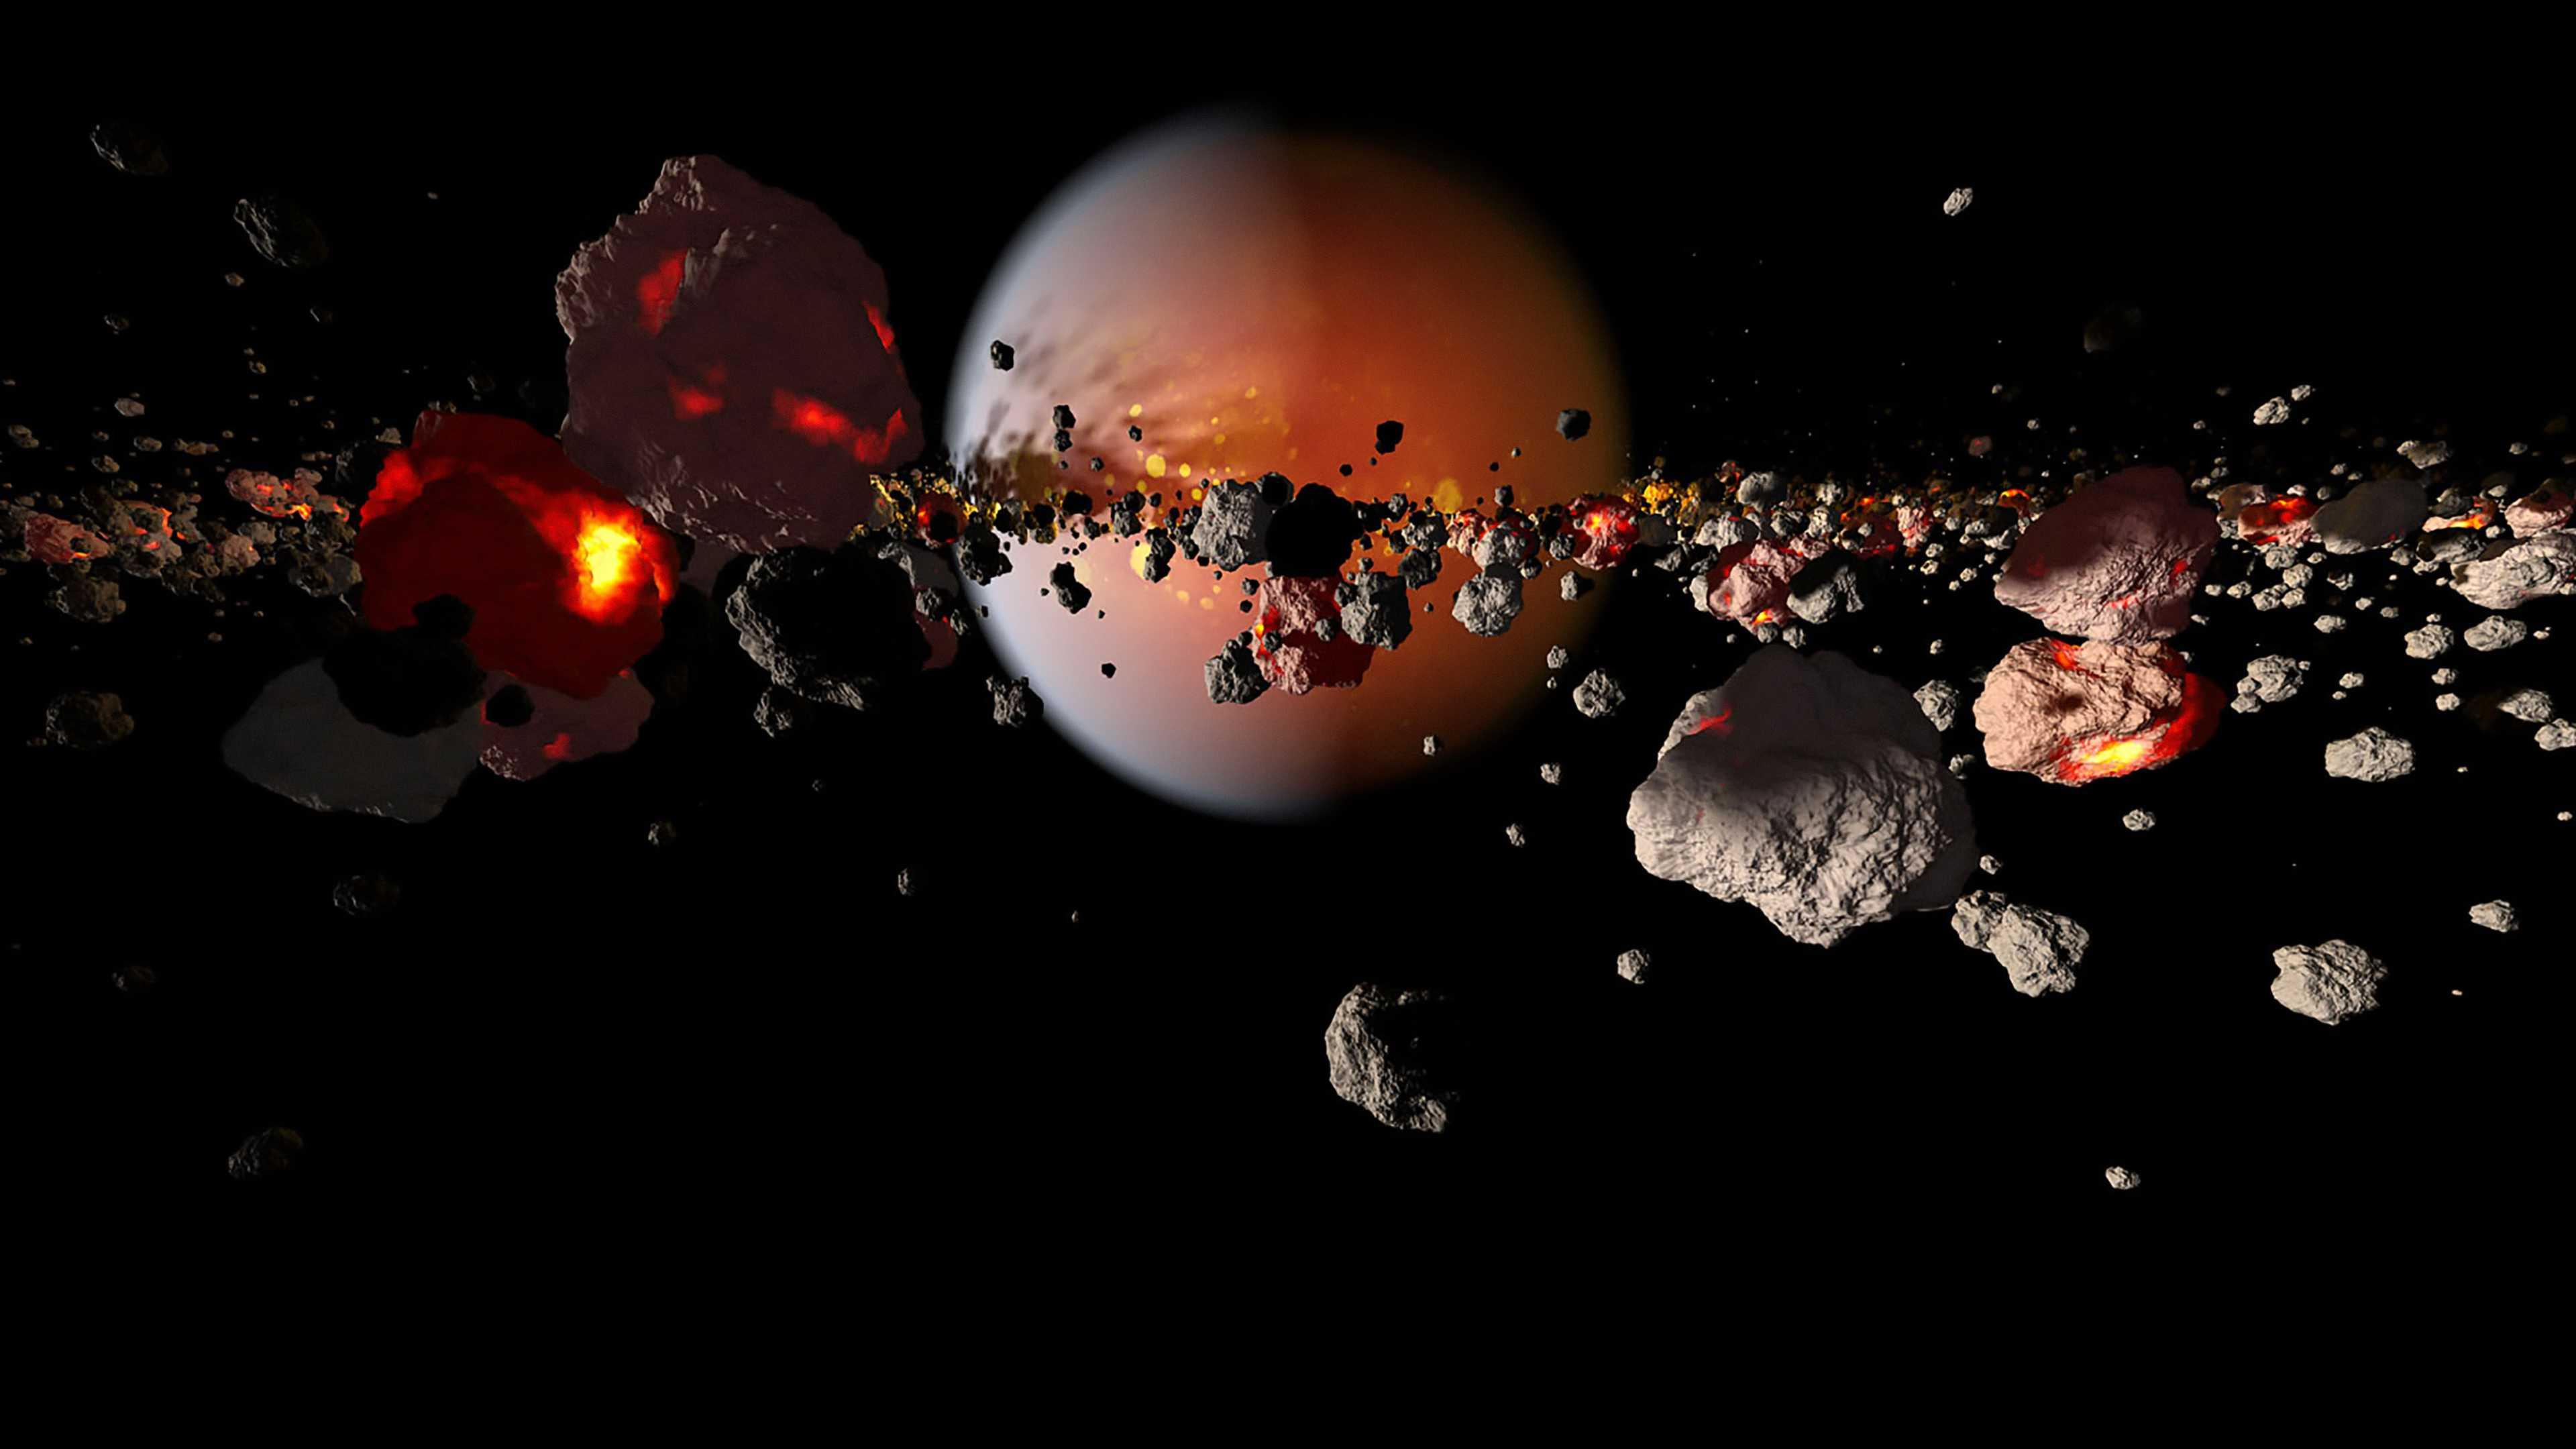 Ученые выяснили, что у Земли и Венеры была «бурная» молодость